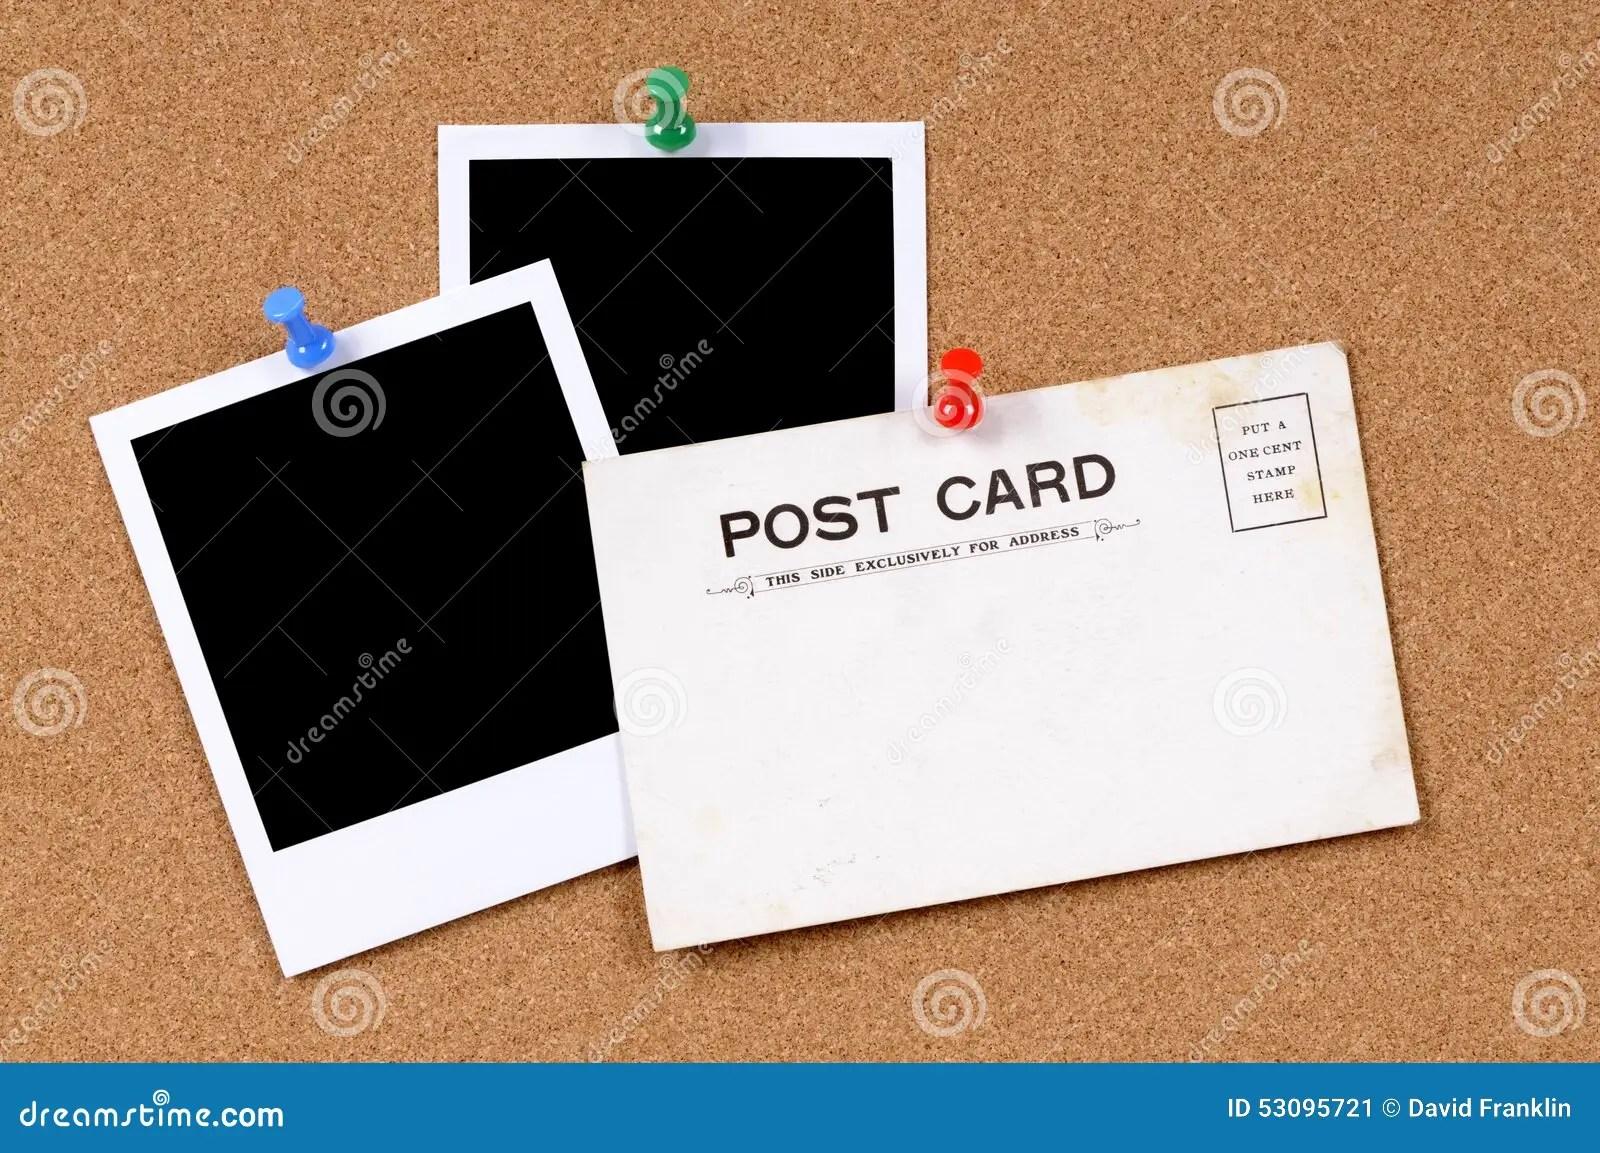 framed prints for kitchens macy's kitchen sets 与空白的照片印刷品的老明信片库存图片 图片包括有背包 通知单 框架 与空白的照片印刷品的老明信片